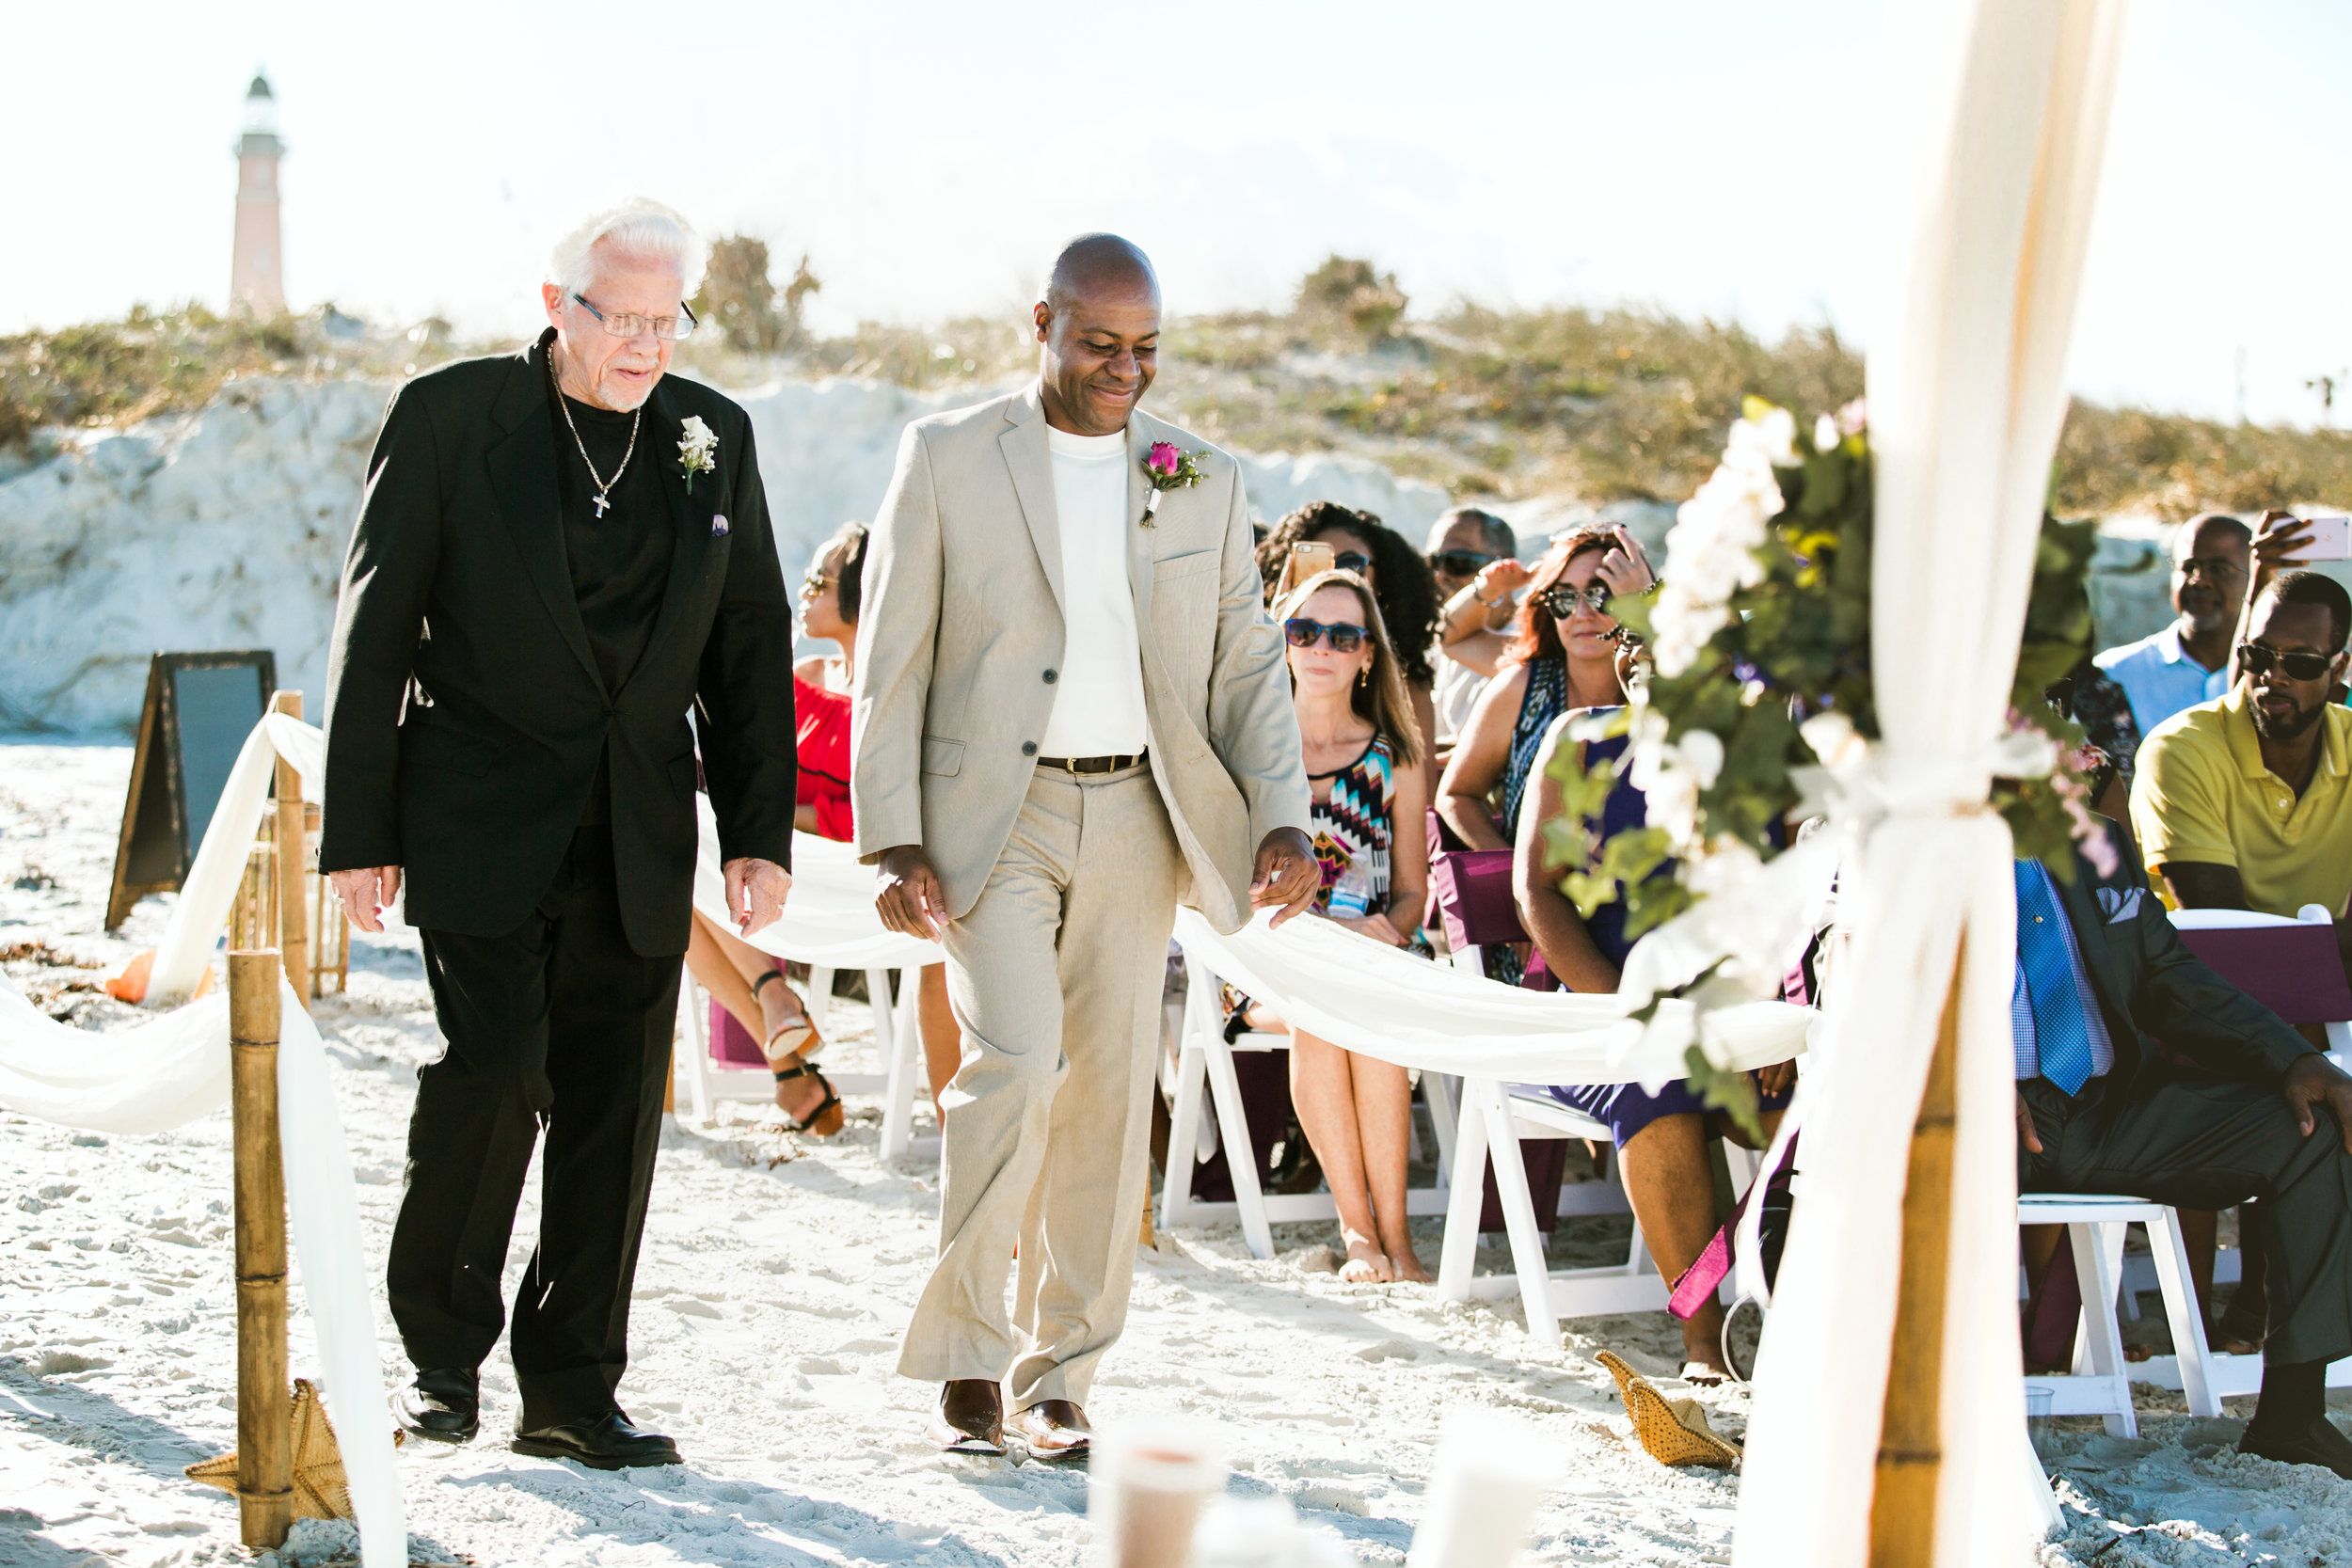 Violets & Seastars- November Ponce Inlet Wedding - Suzette & Dwight 38.jpg